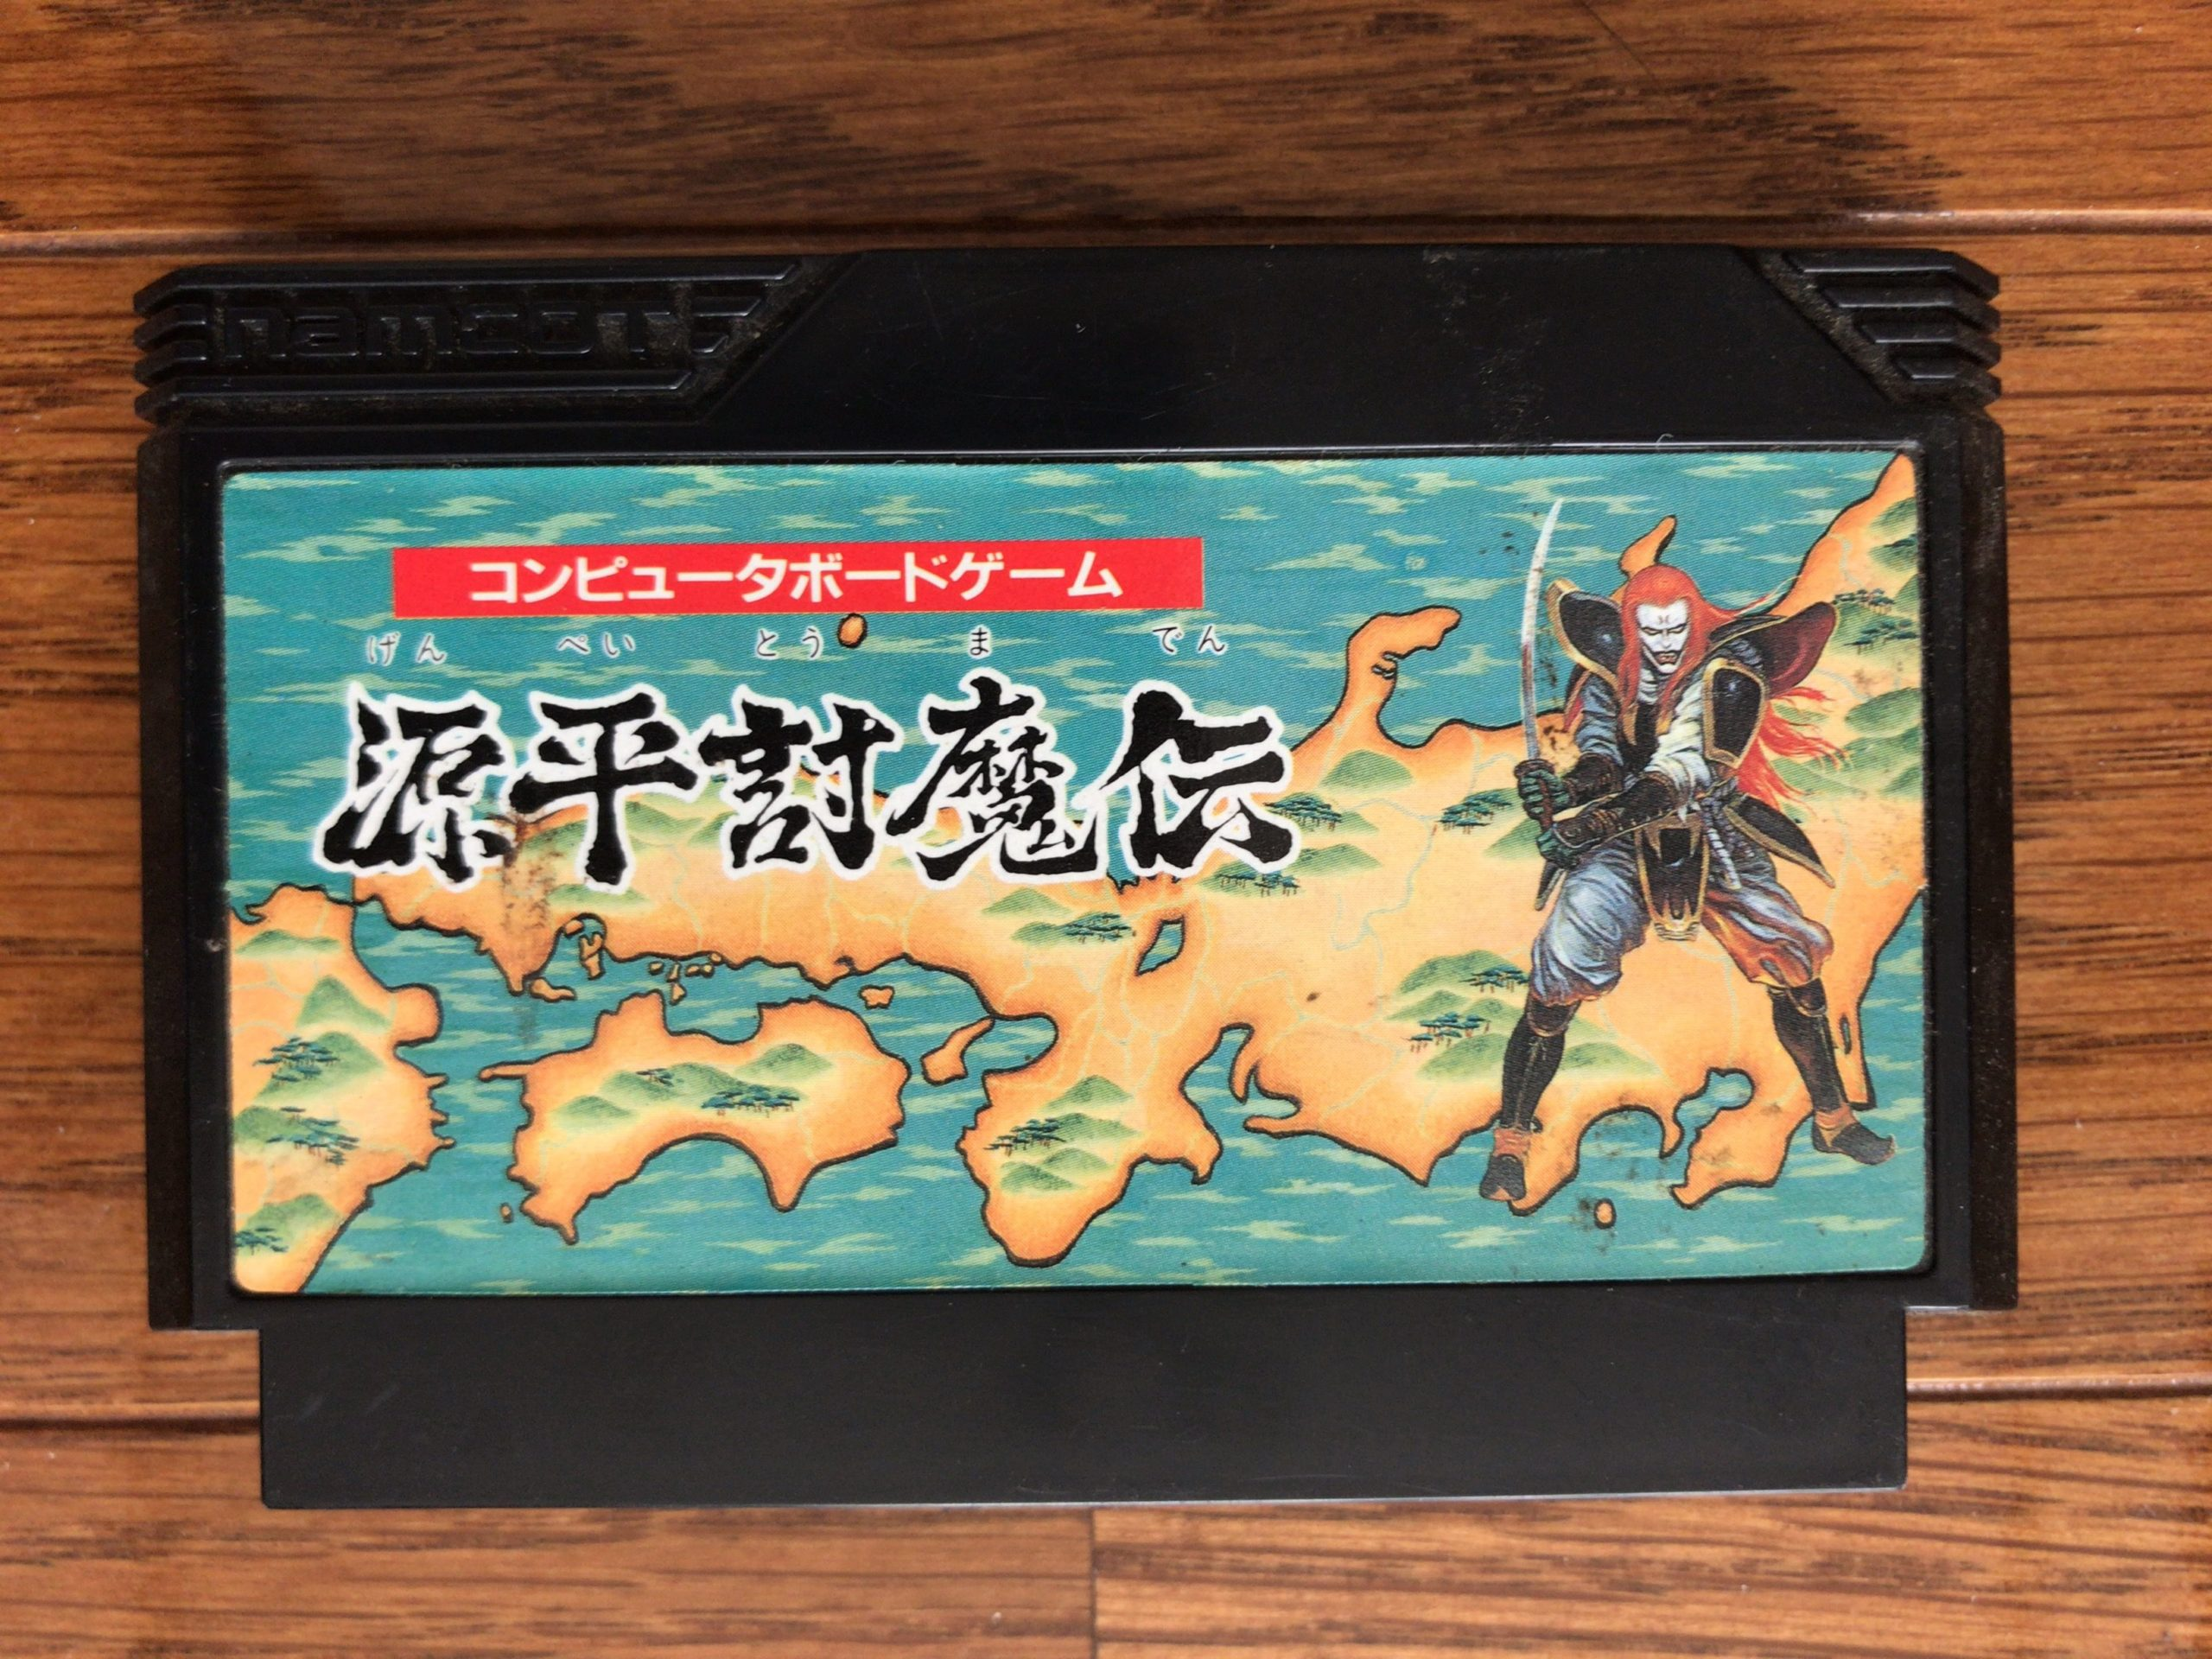 ファミコンカセット本日の成果は源平討魔伝の1本手に入れました。